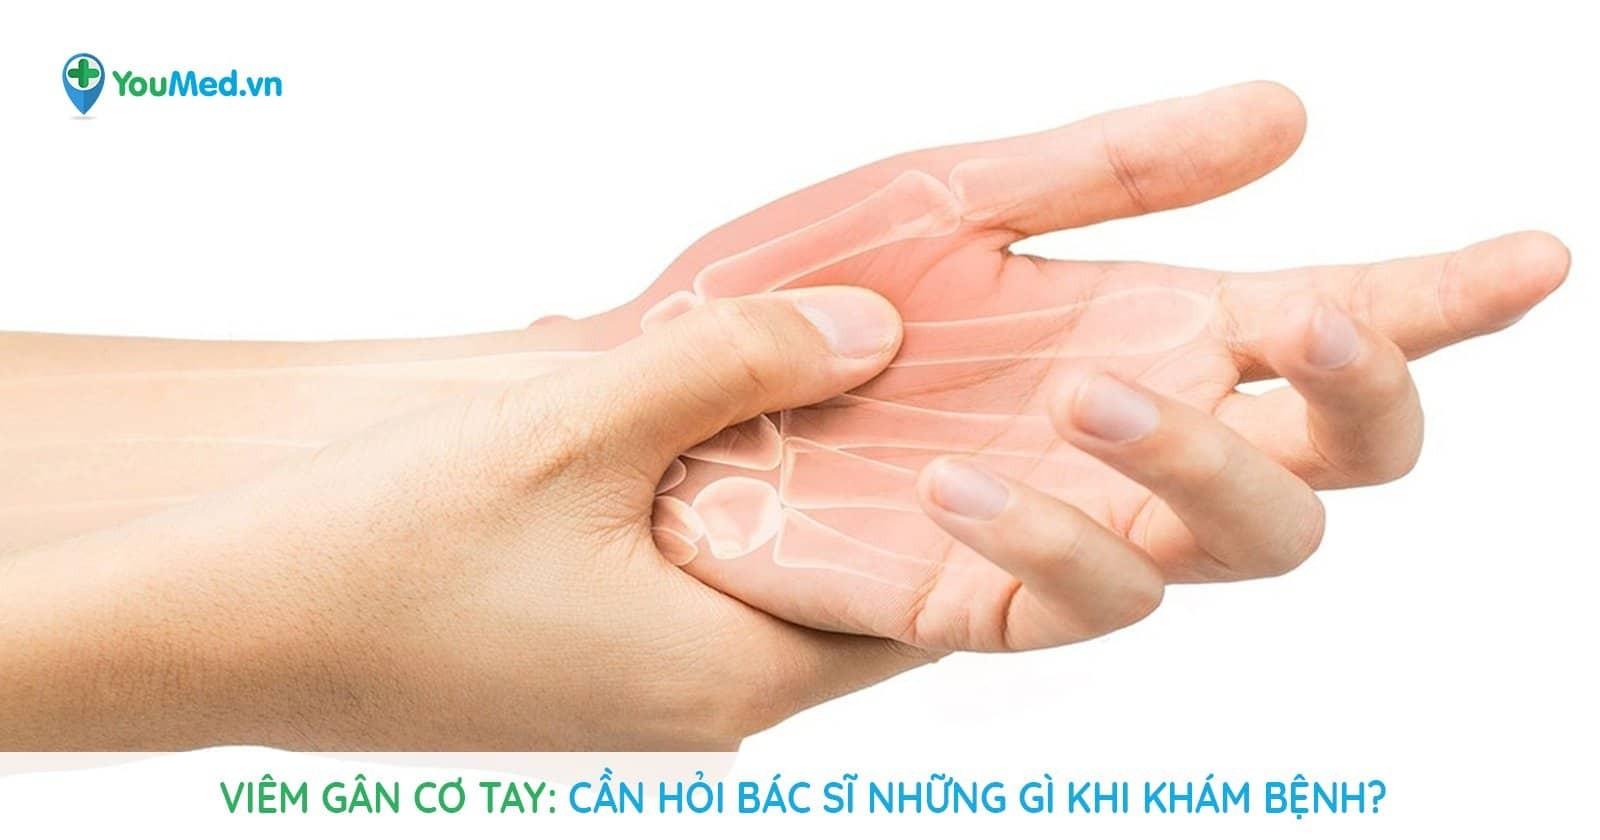 Viêm gân cơ tay : Cần hỏi bác sĩ những gì khi khám bệnh?